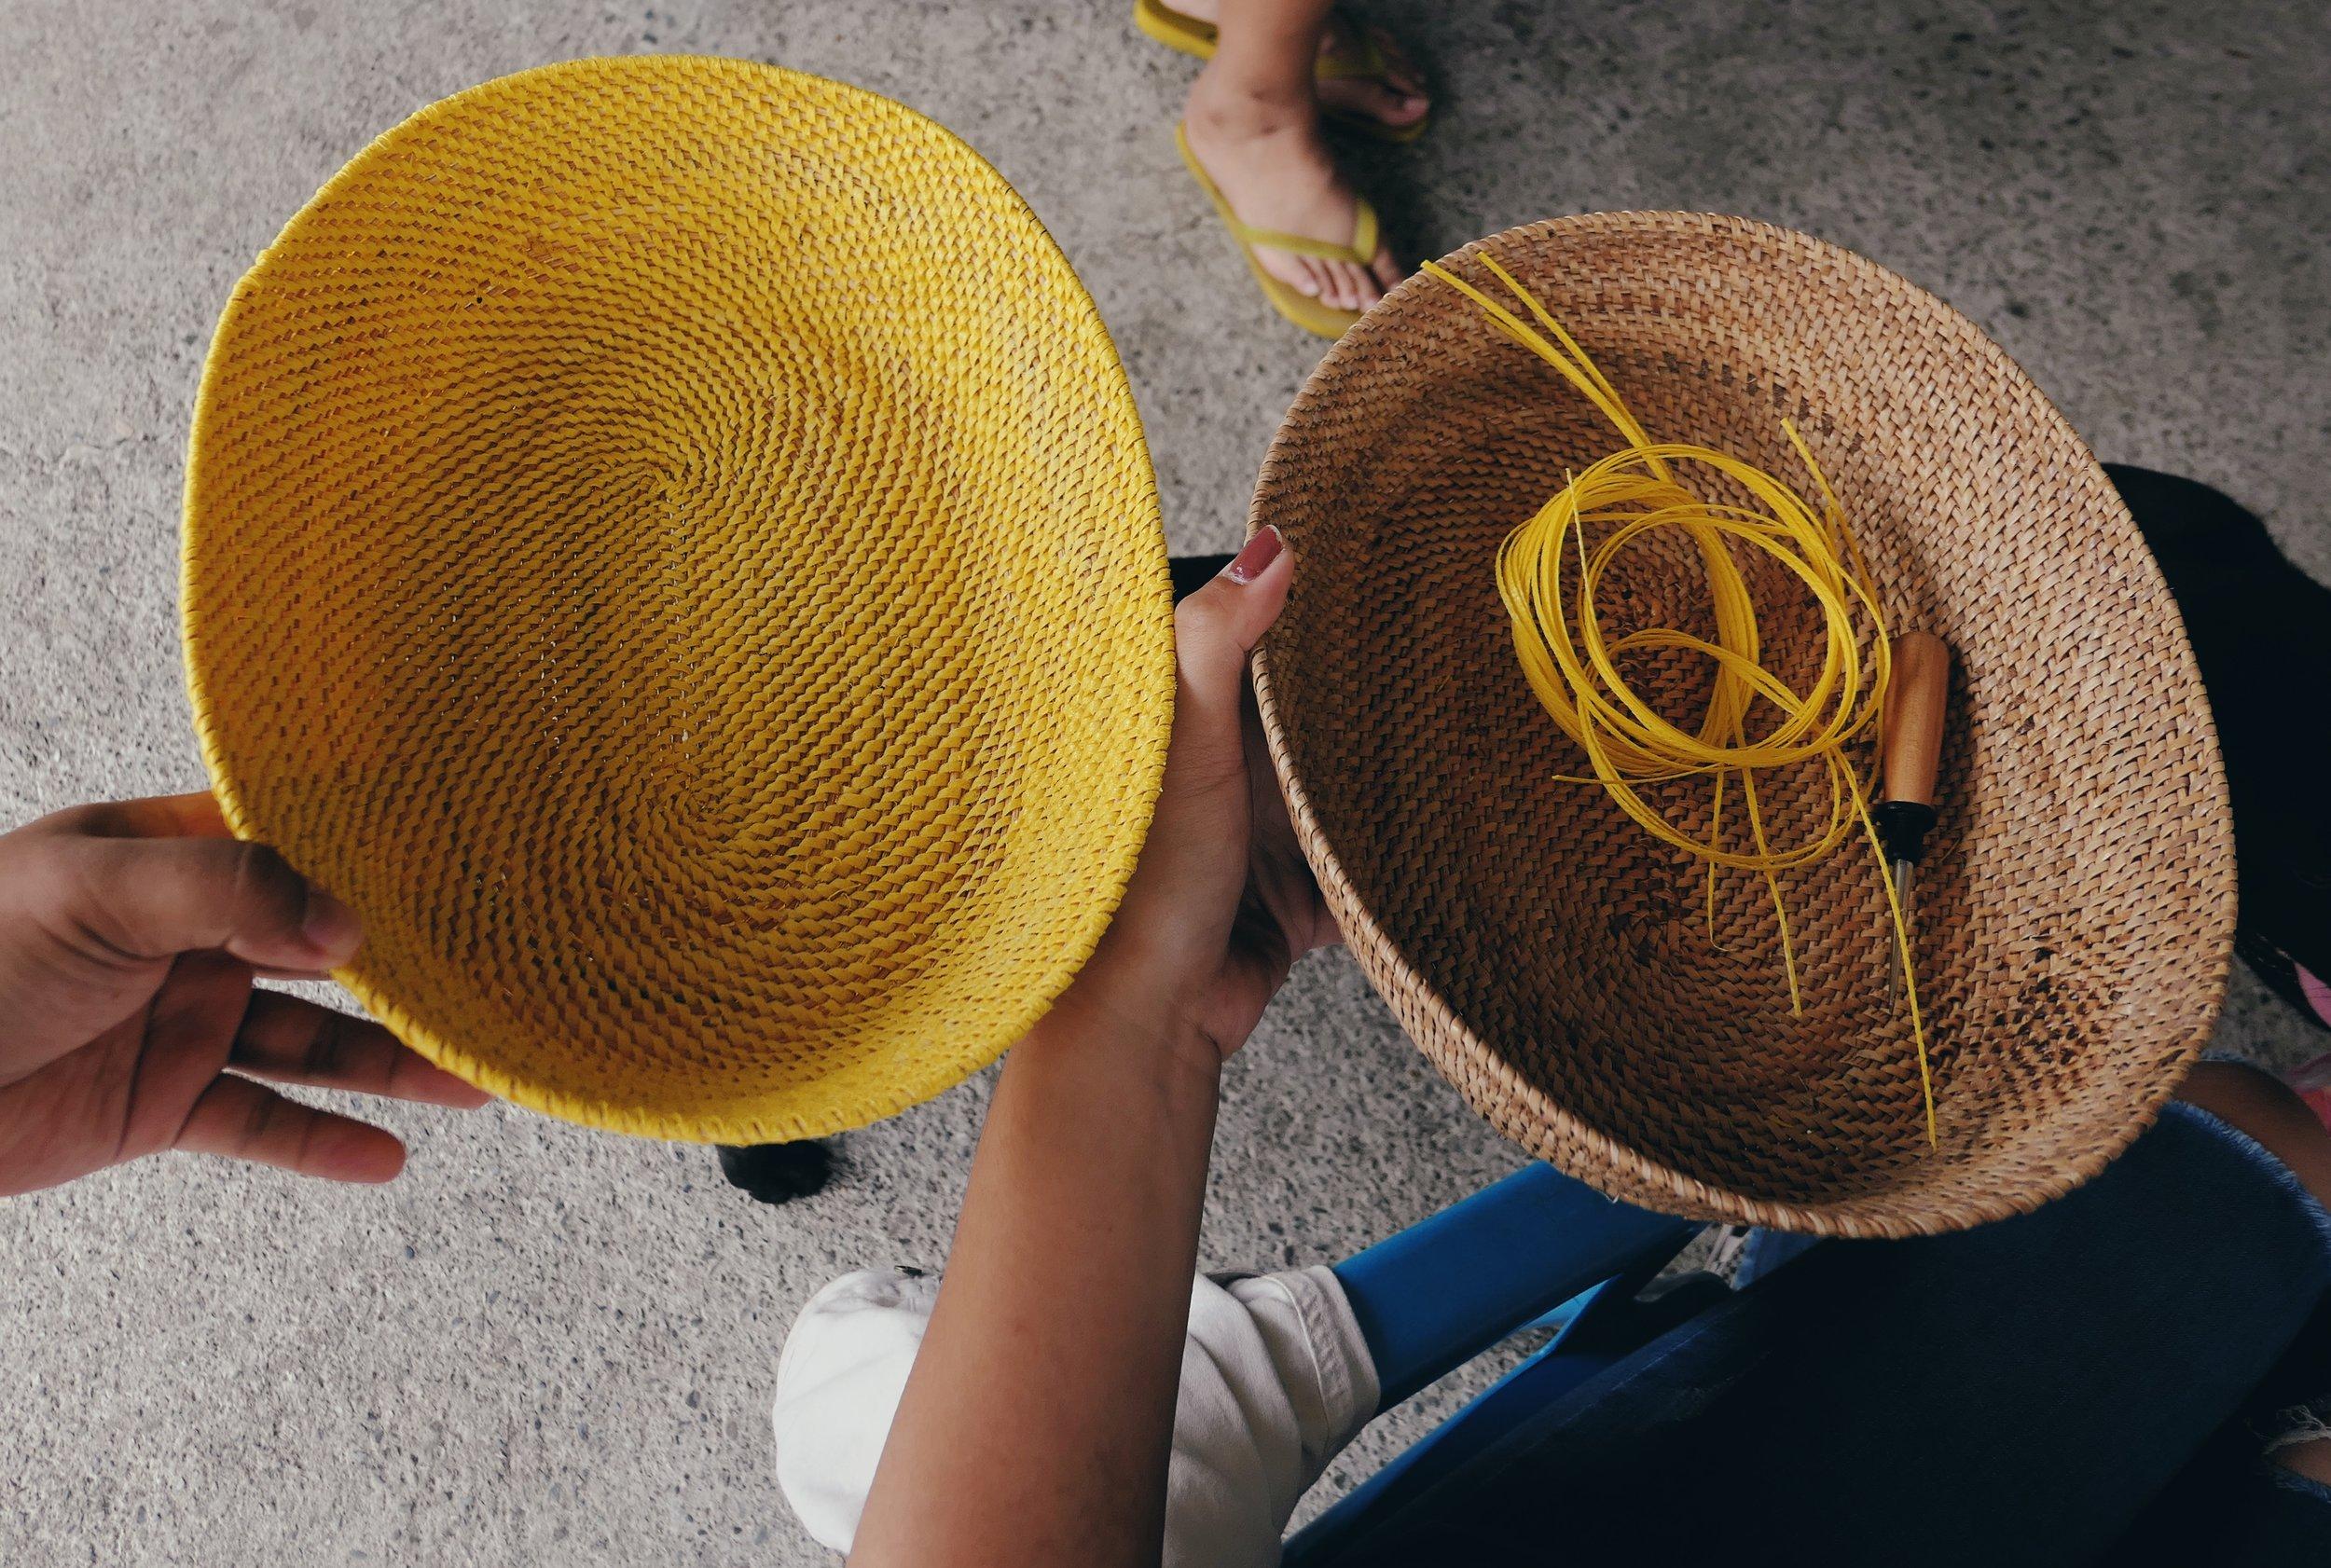 黃色的為打包帶材質,而右邊的材料為藤皮。